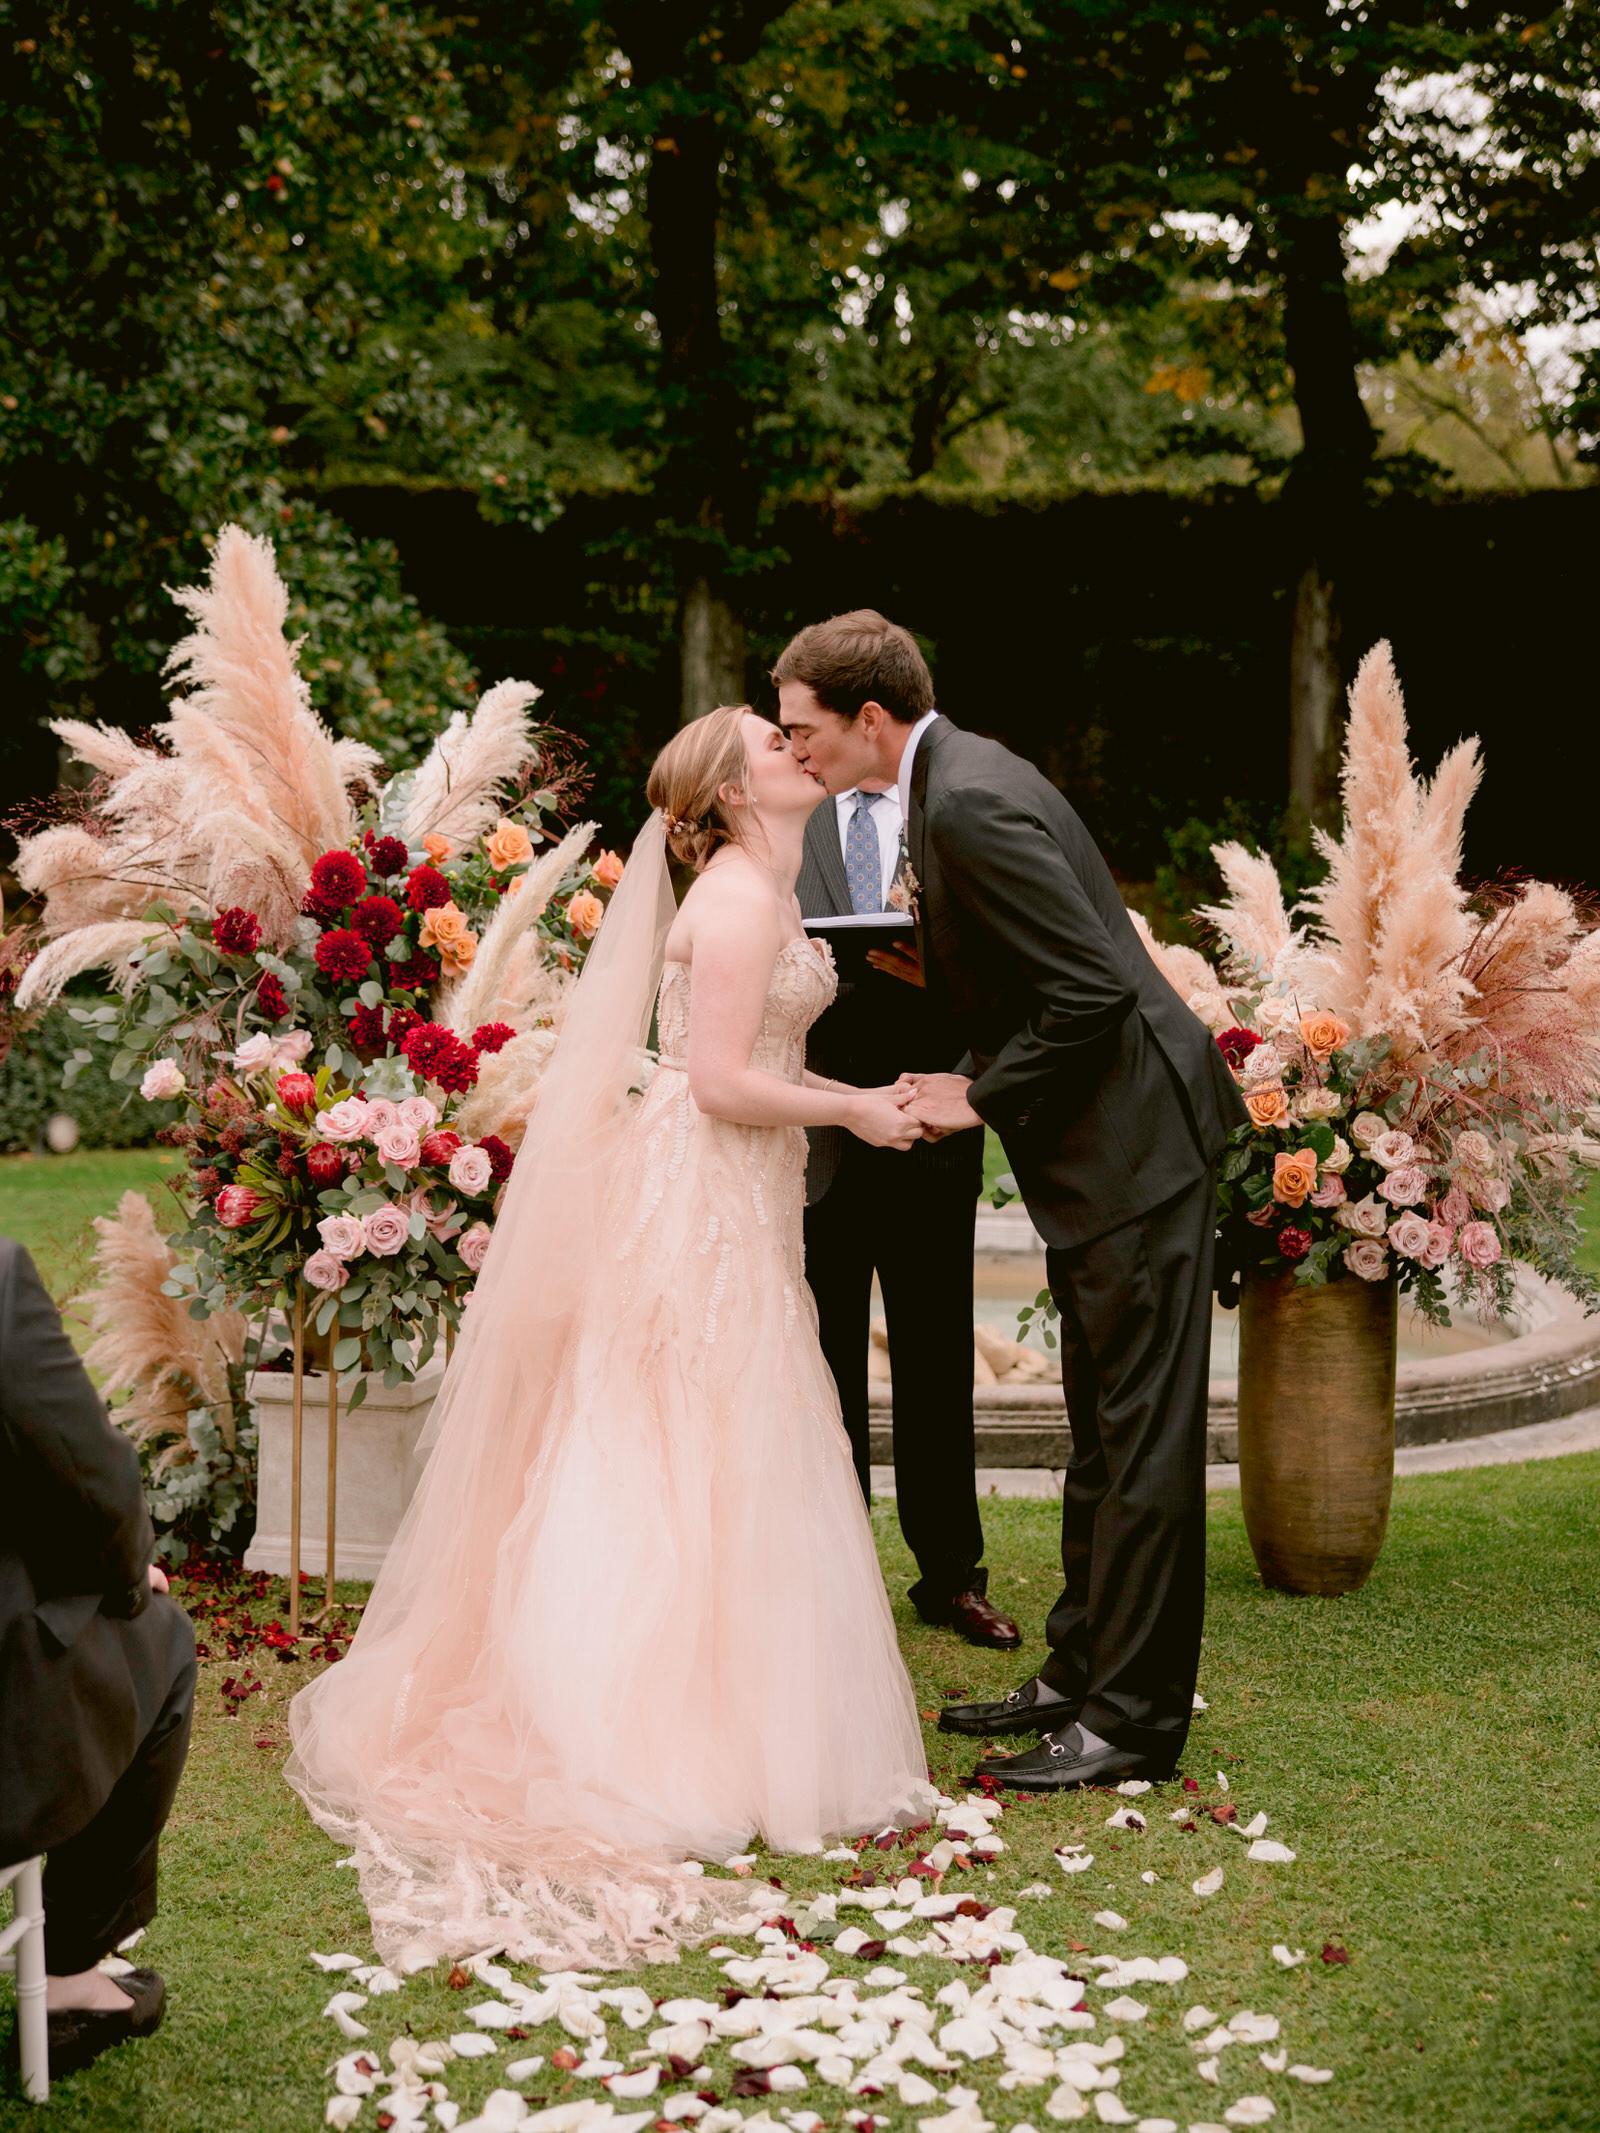 191009_Kersey_Moseley_Wedding_Villa_La_Vedetta-400